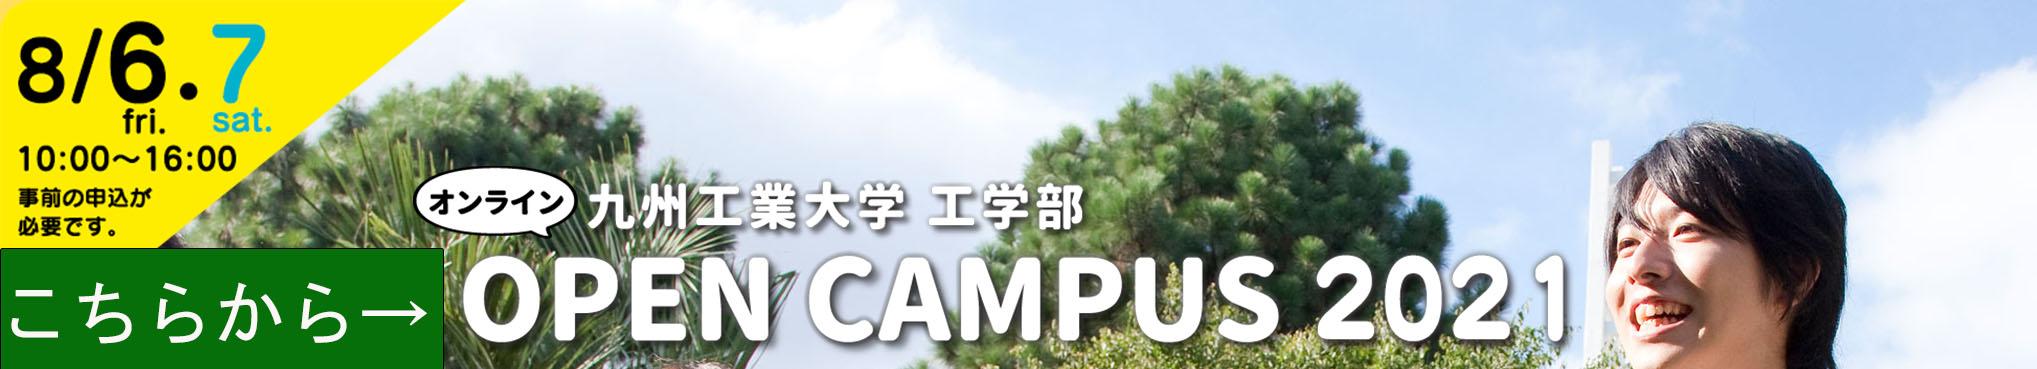 九州工業大学 工学部 オープンキャンパス特設サイト